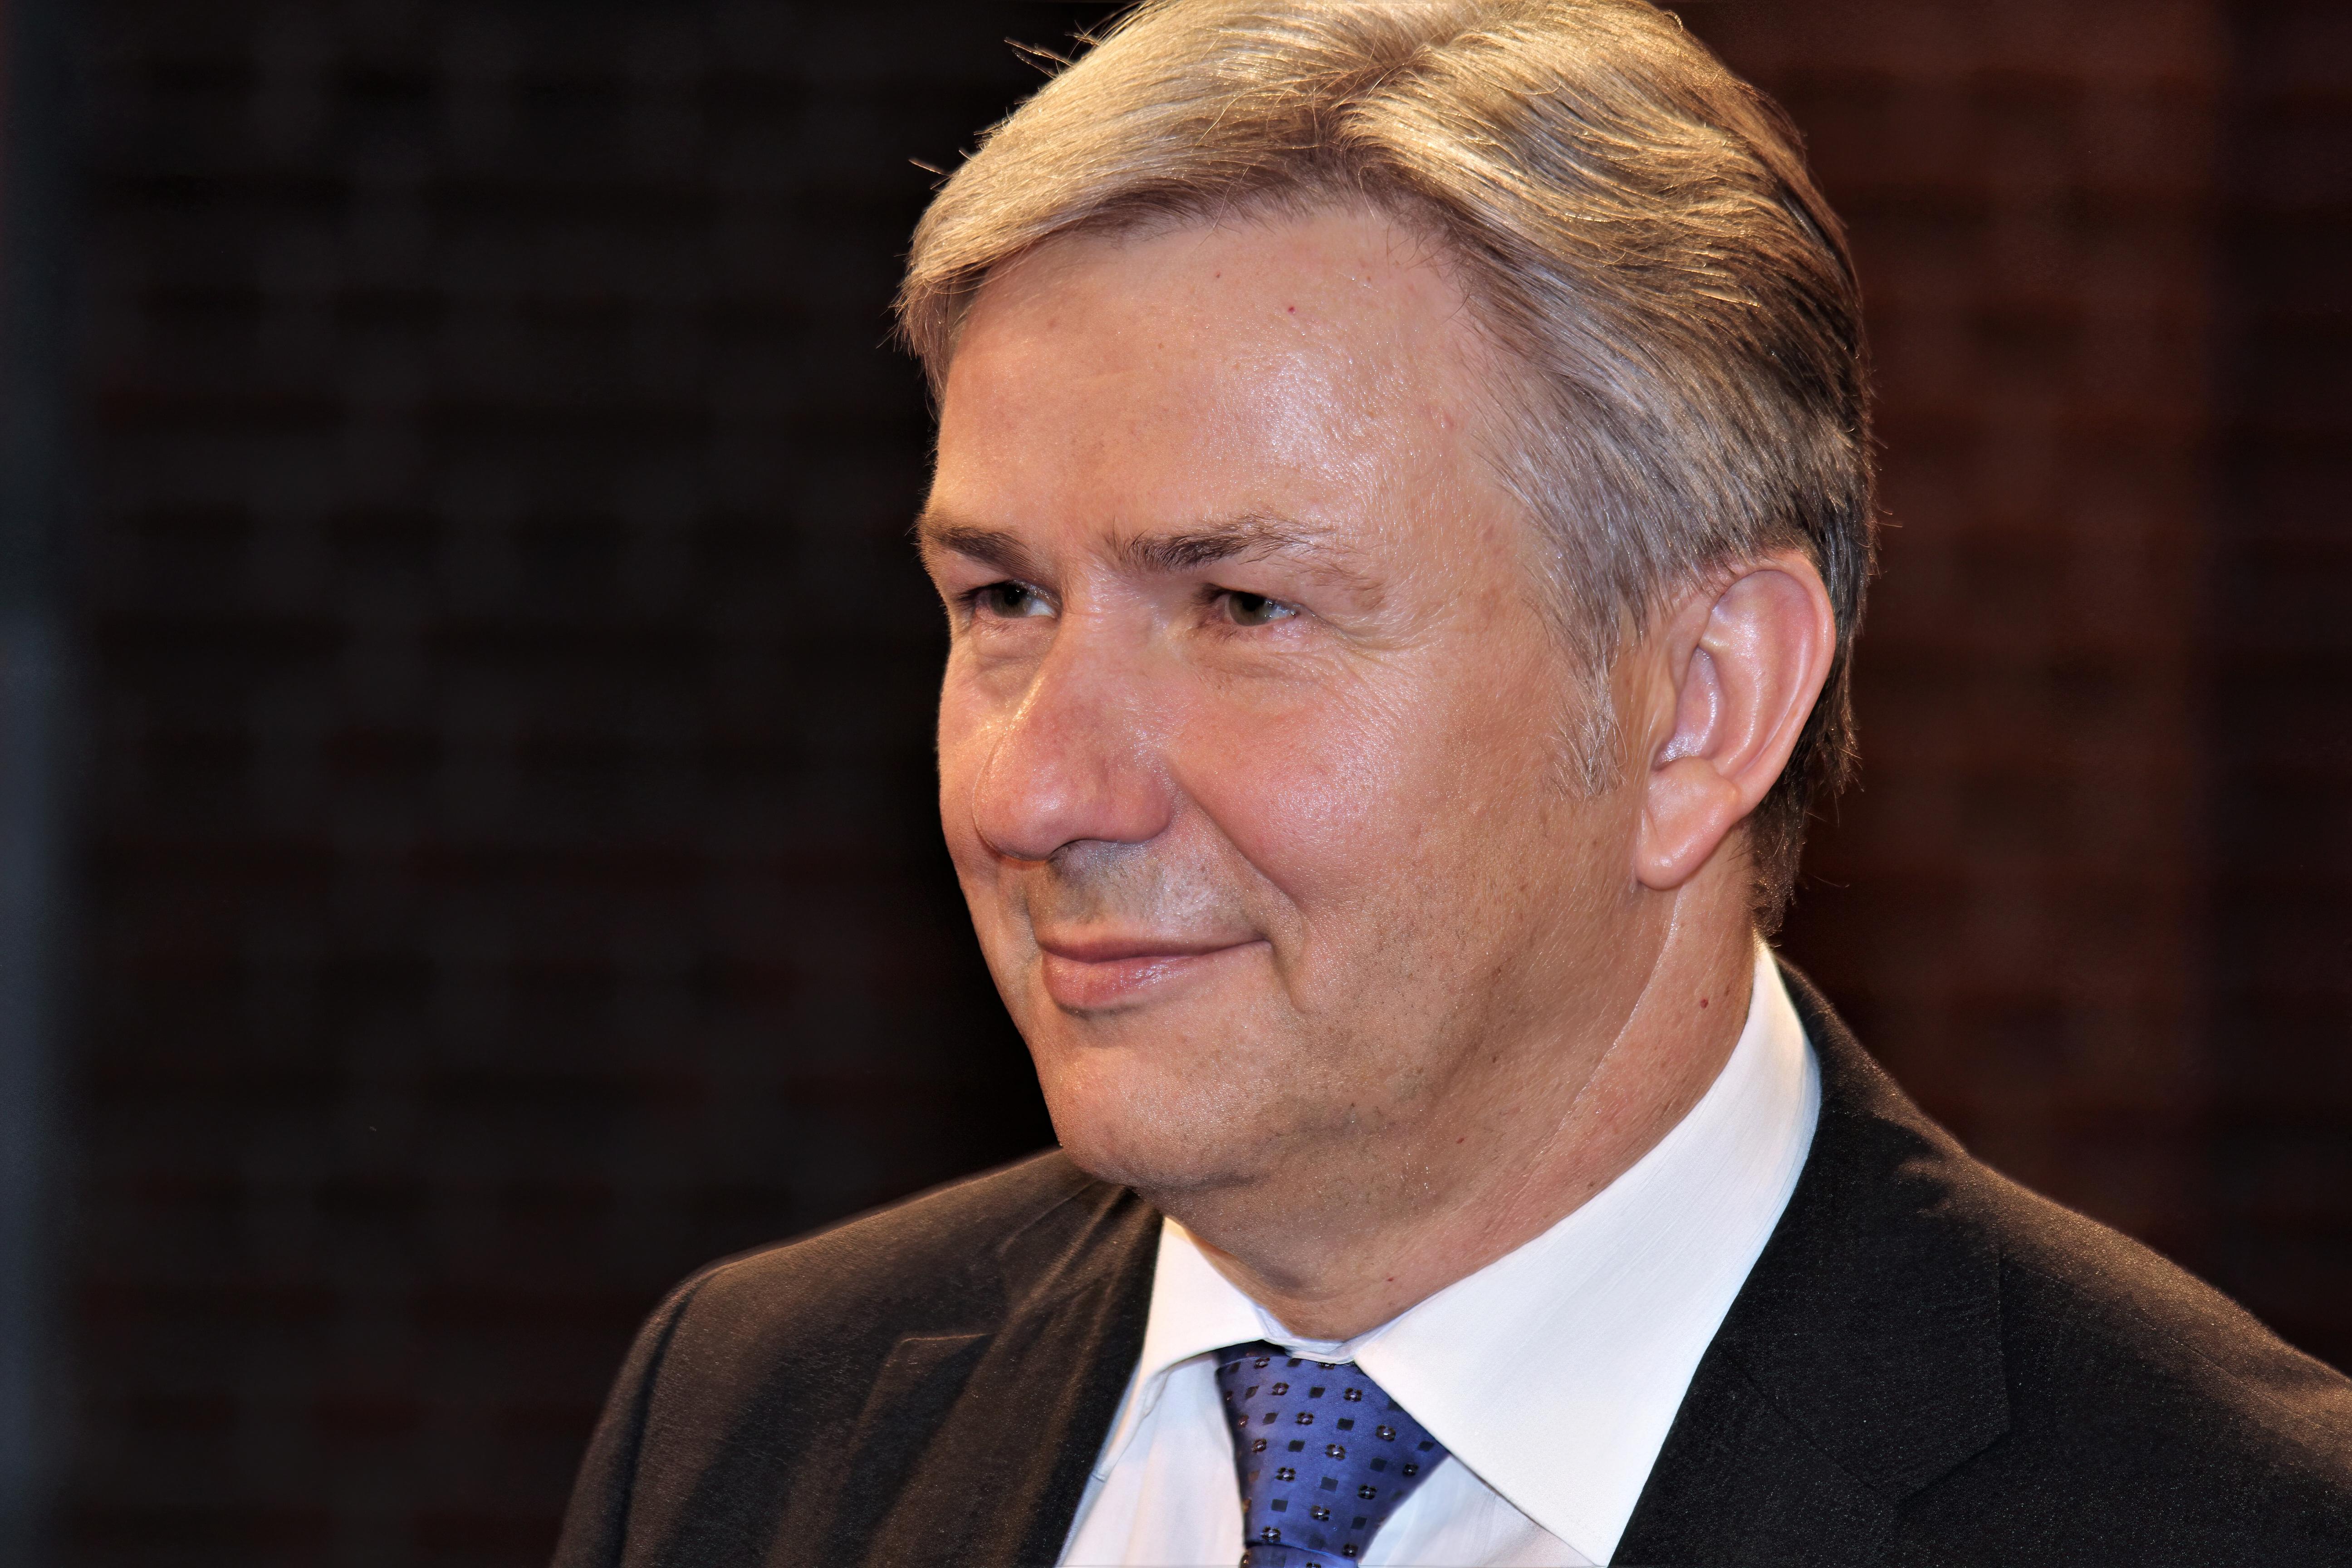 Der Regierende Bürgermeister Klaus Wowereit, SPD